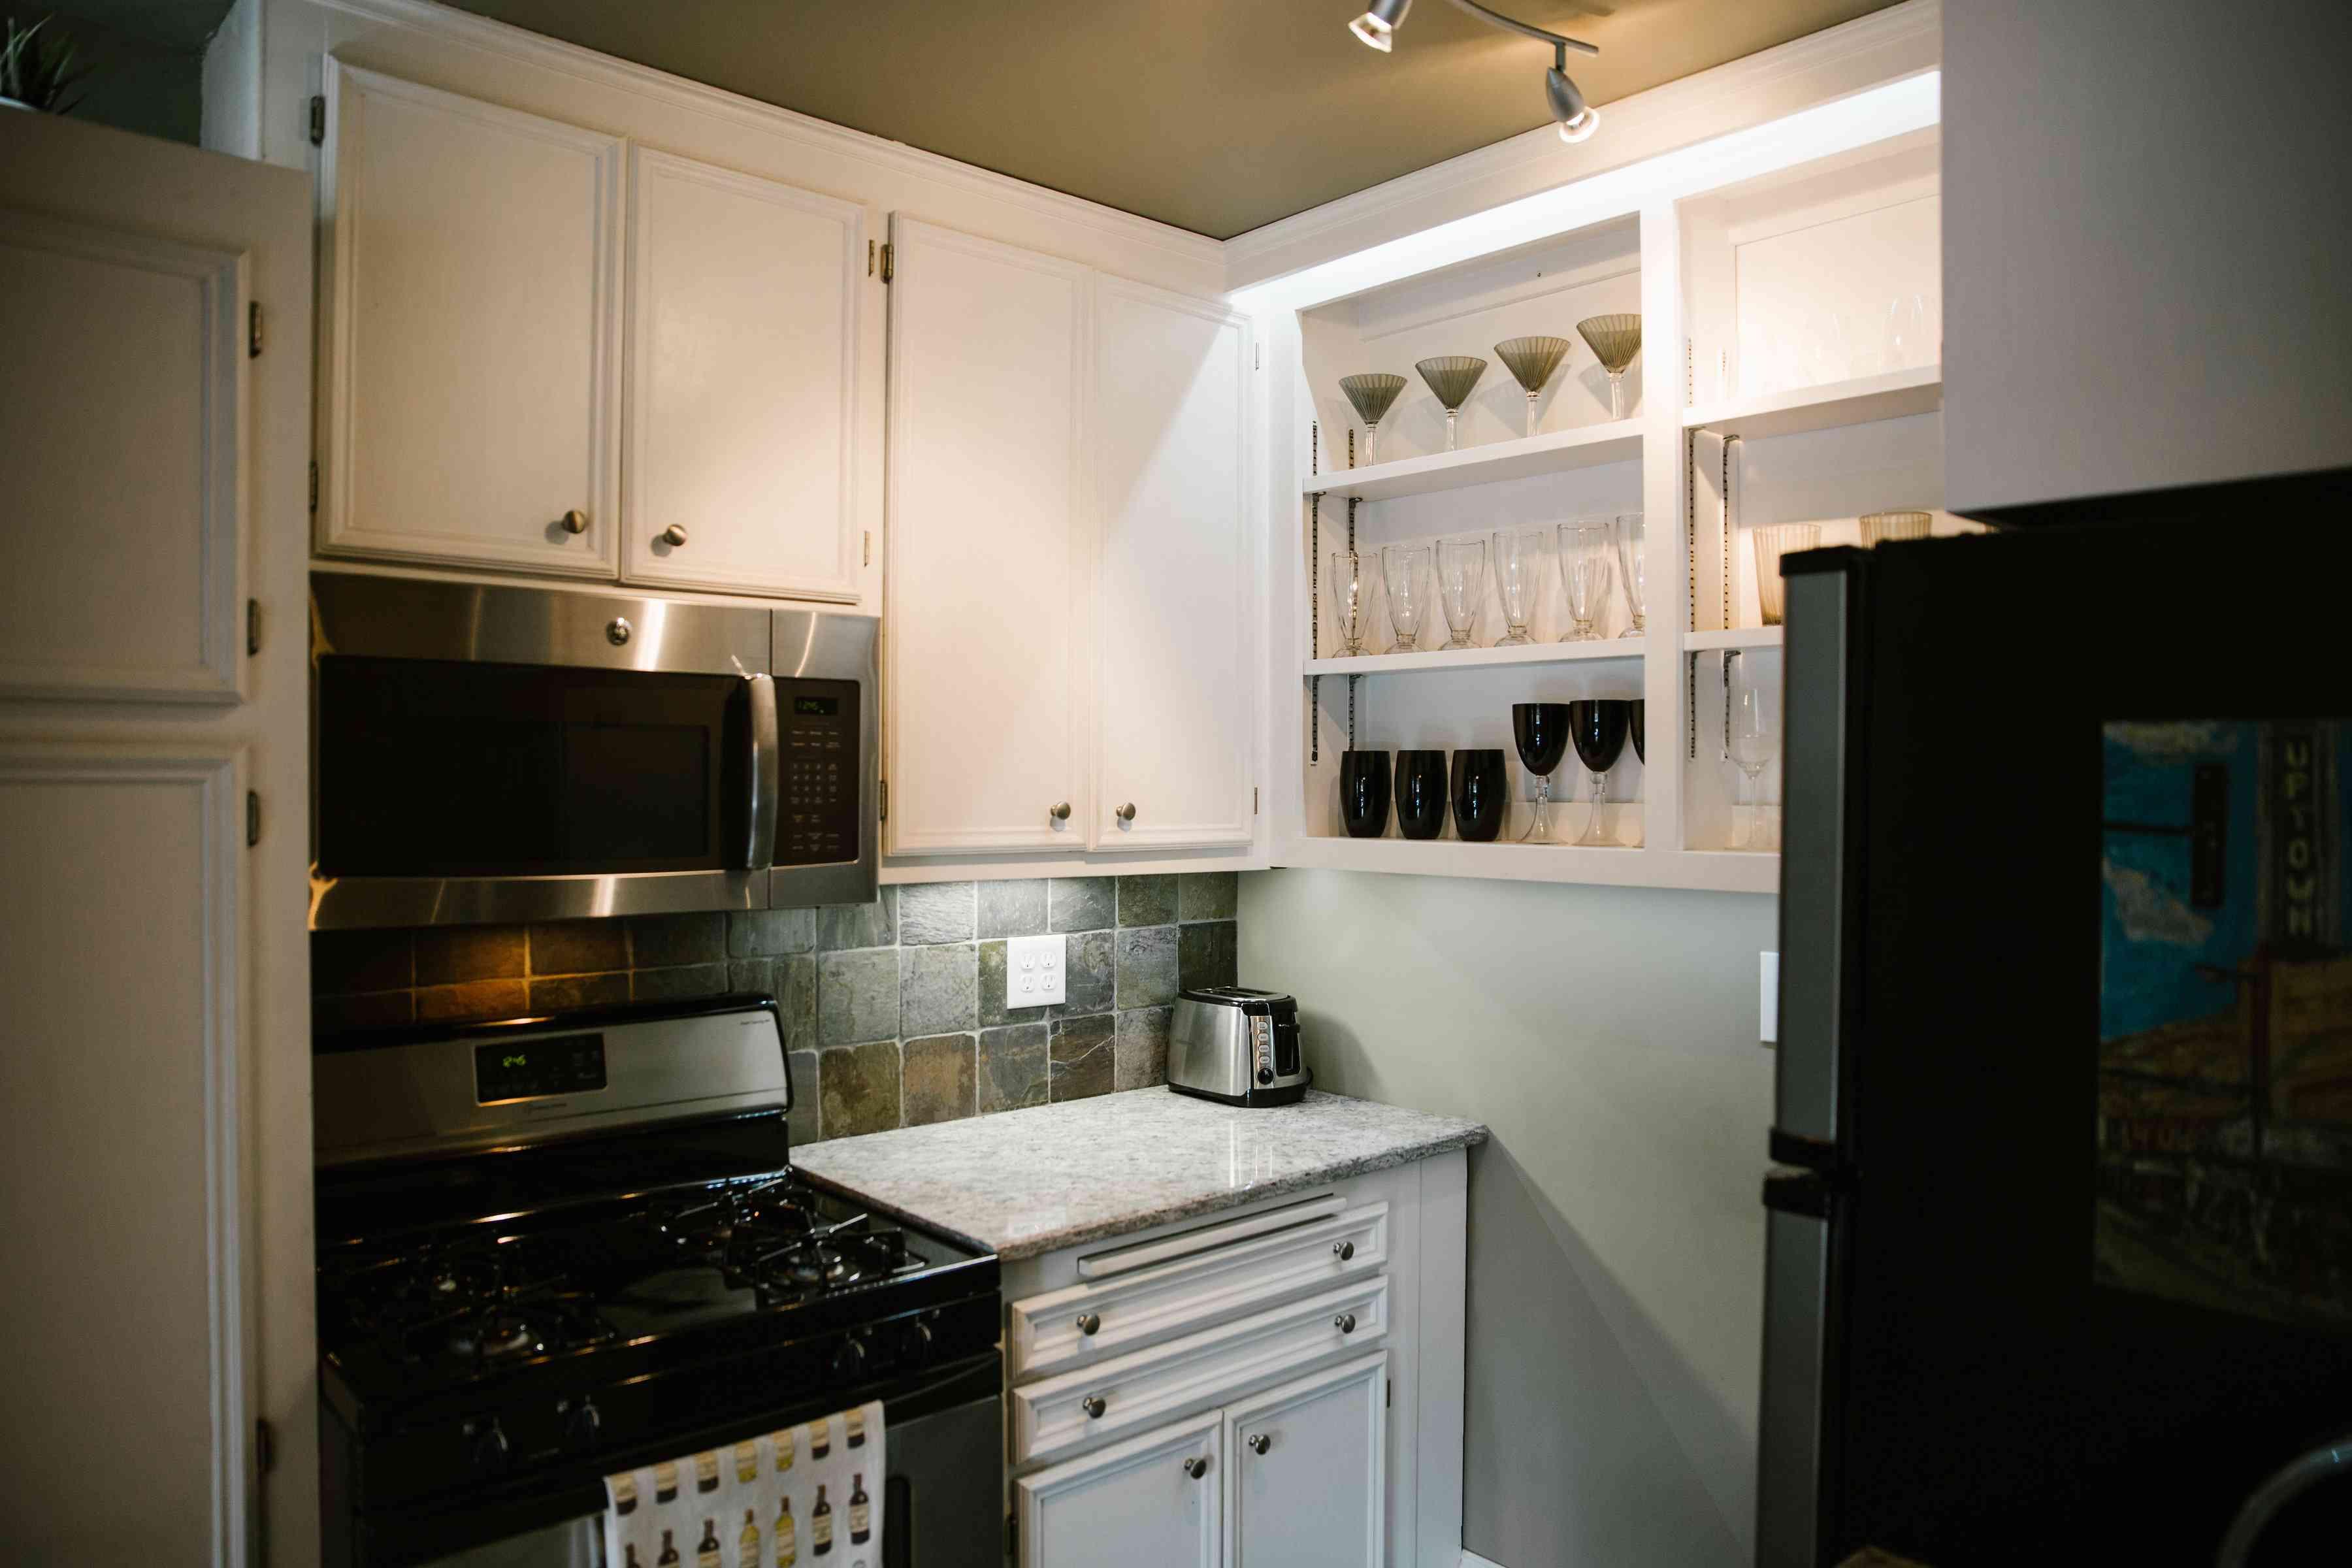 Oven Kitchen